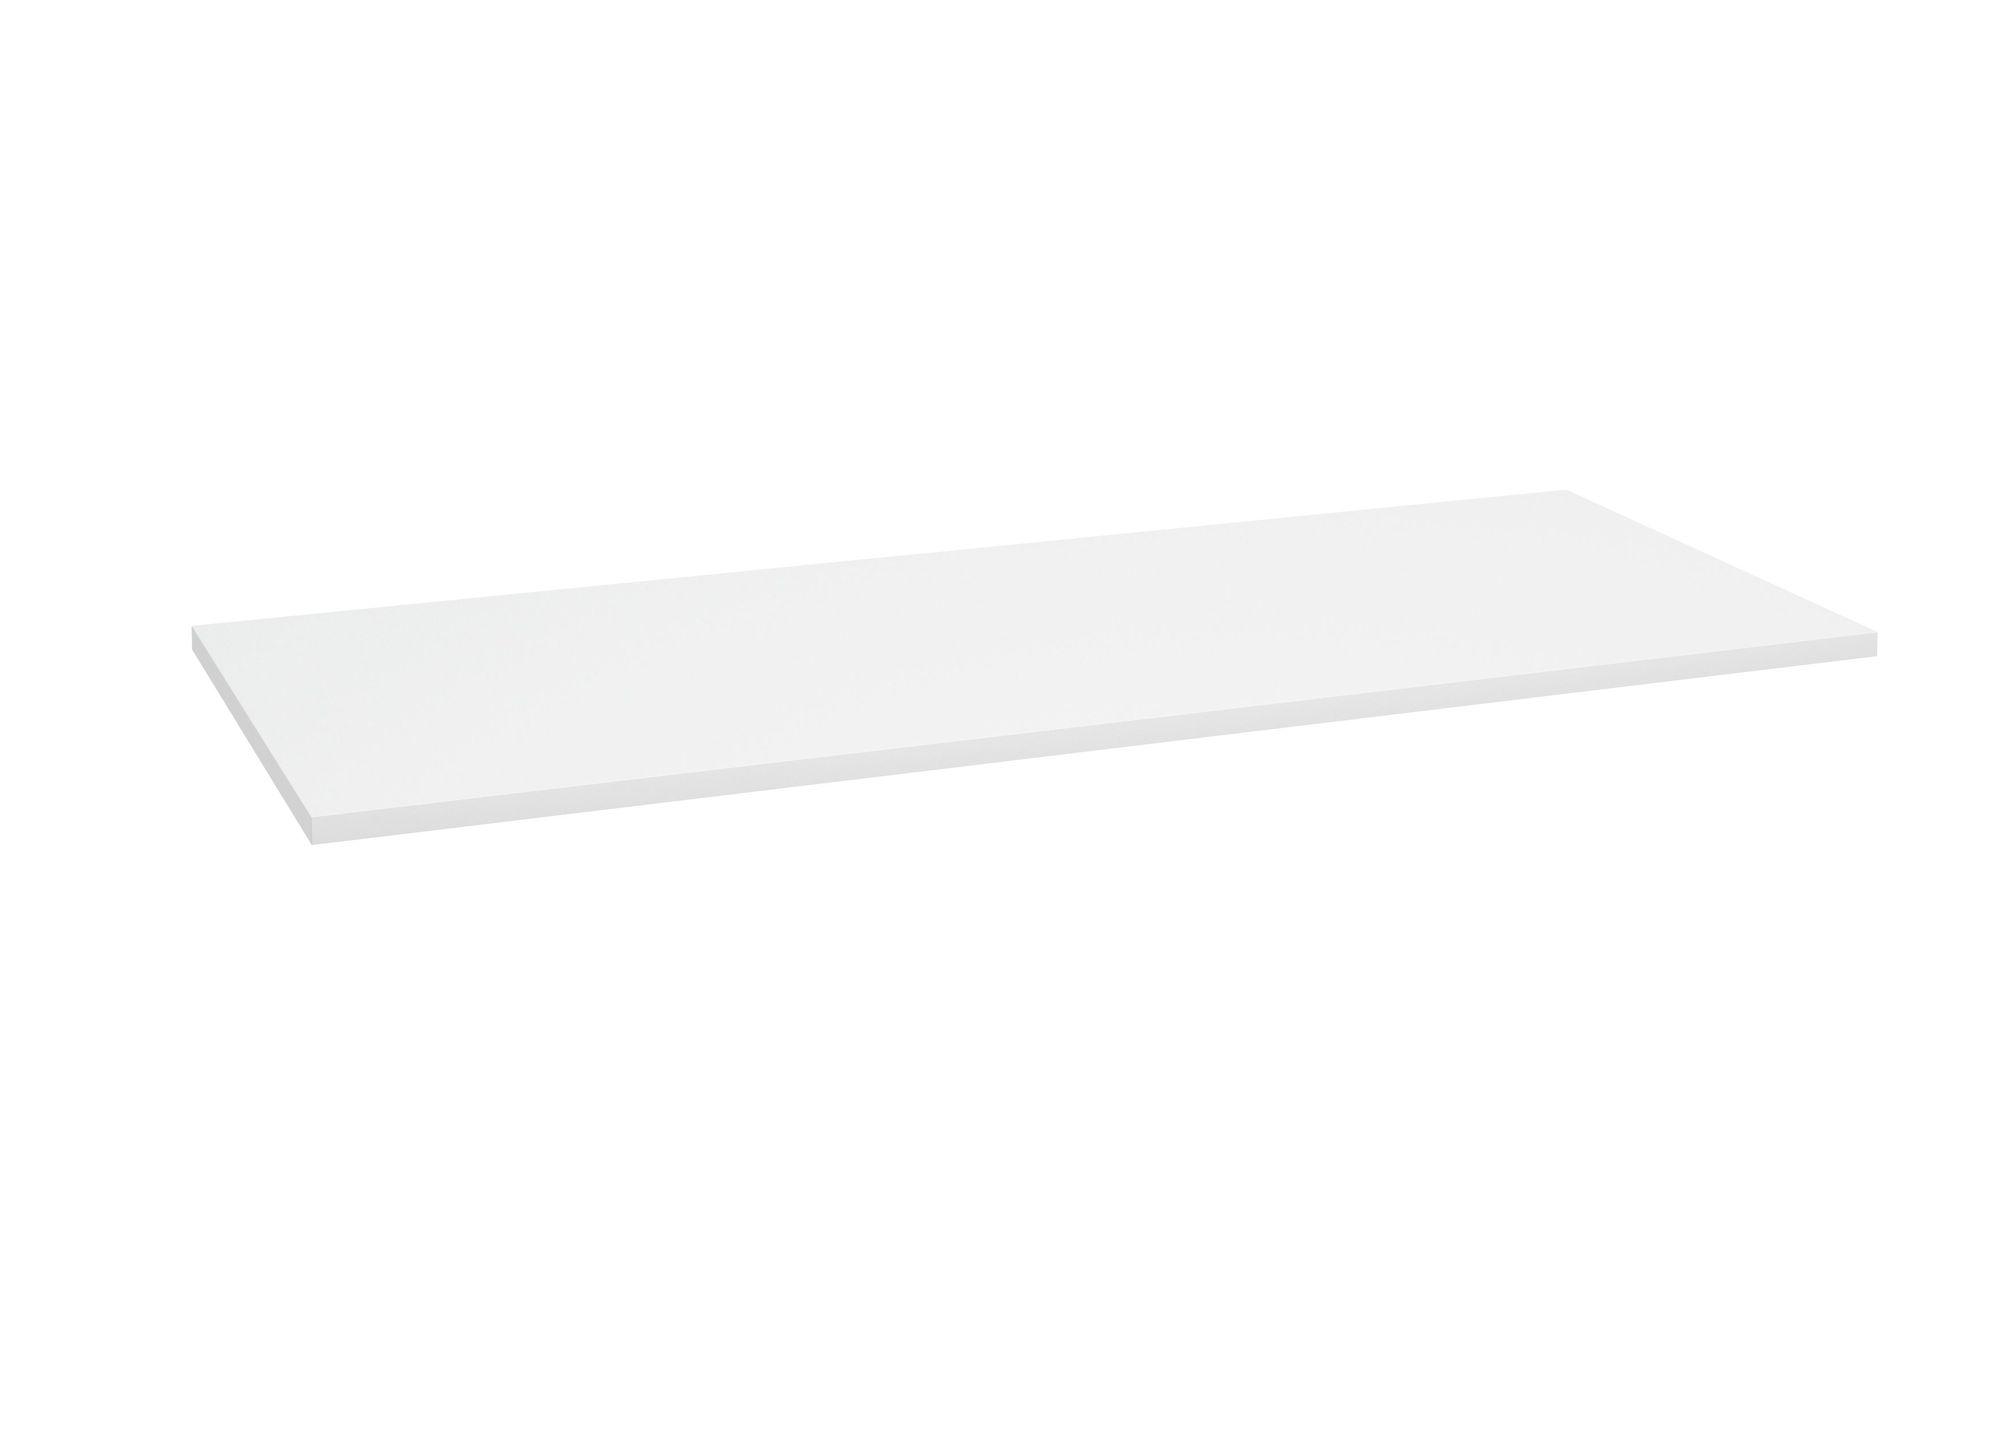 Blat Defra 100x40 biały połysk 001-F-10001